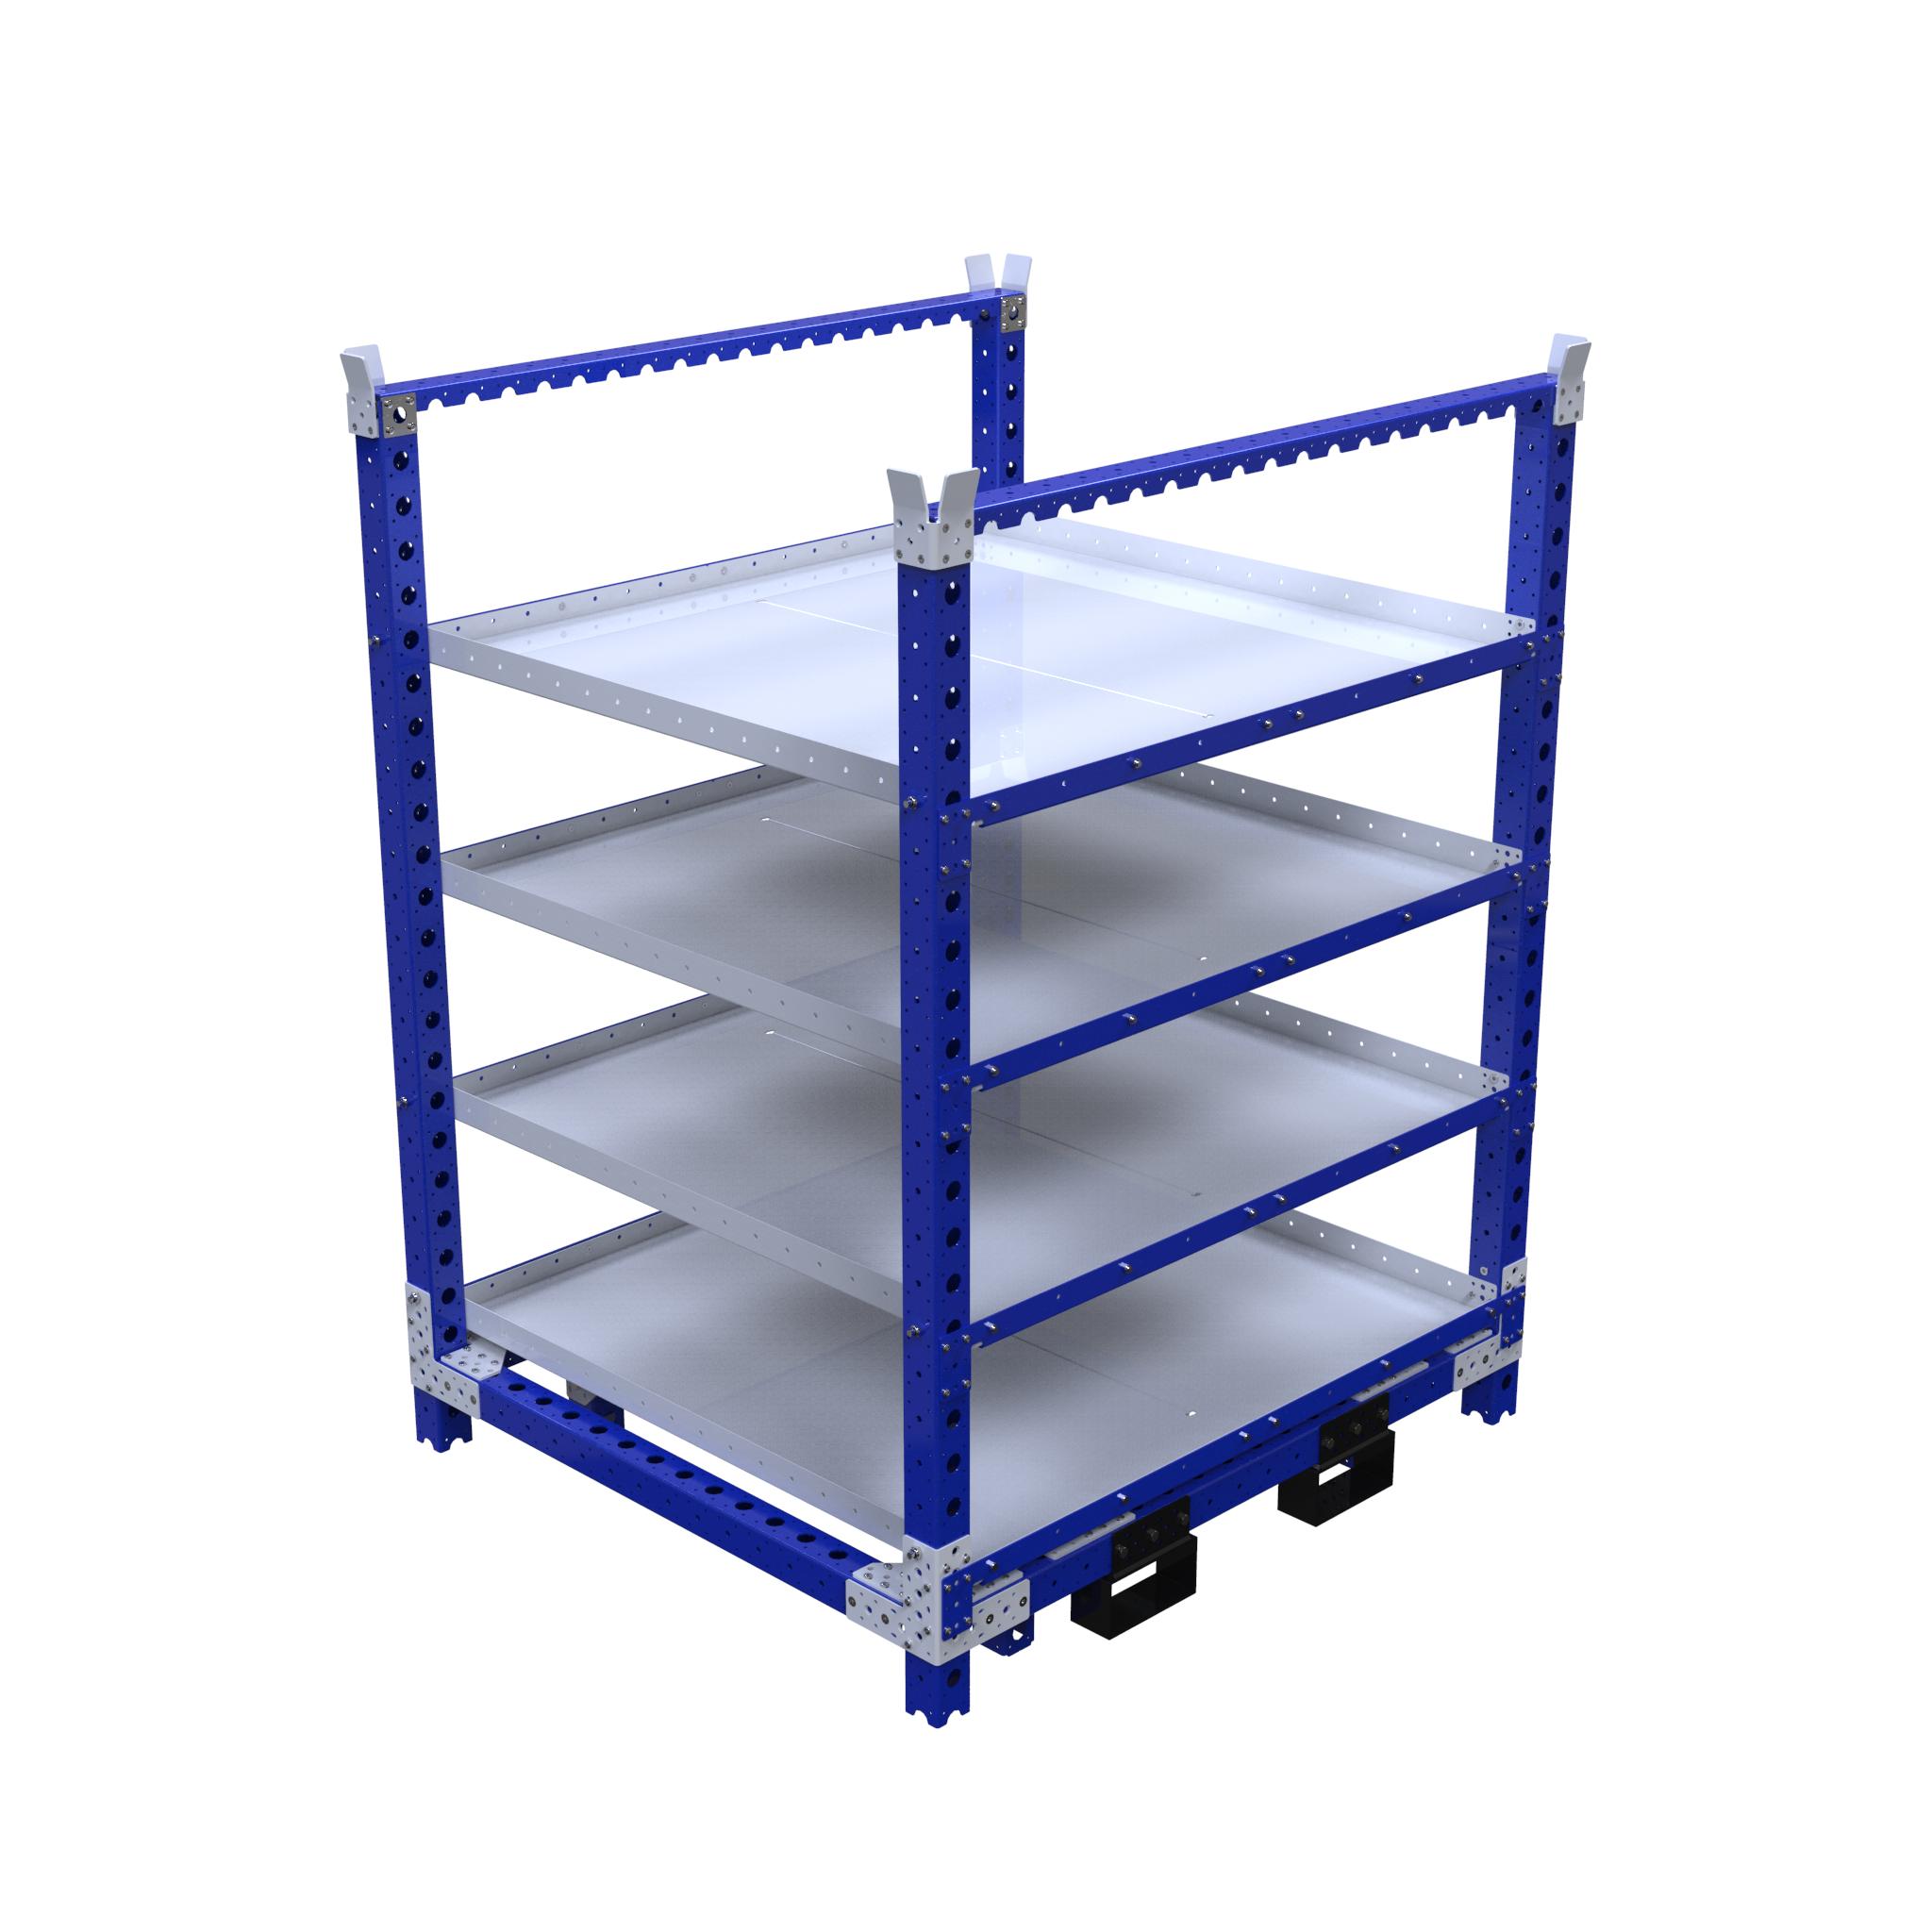 Shelf Rack for holding heavier materials